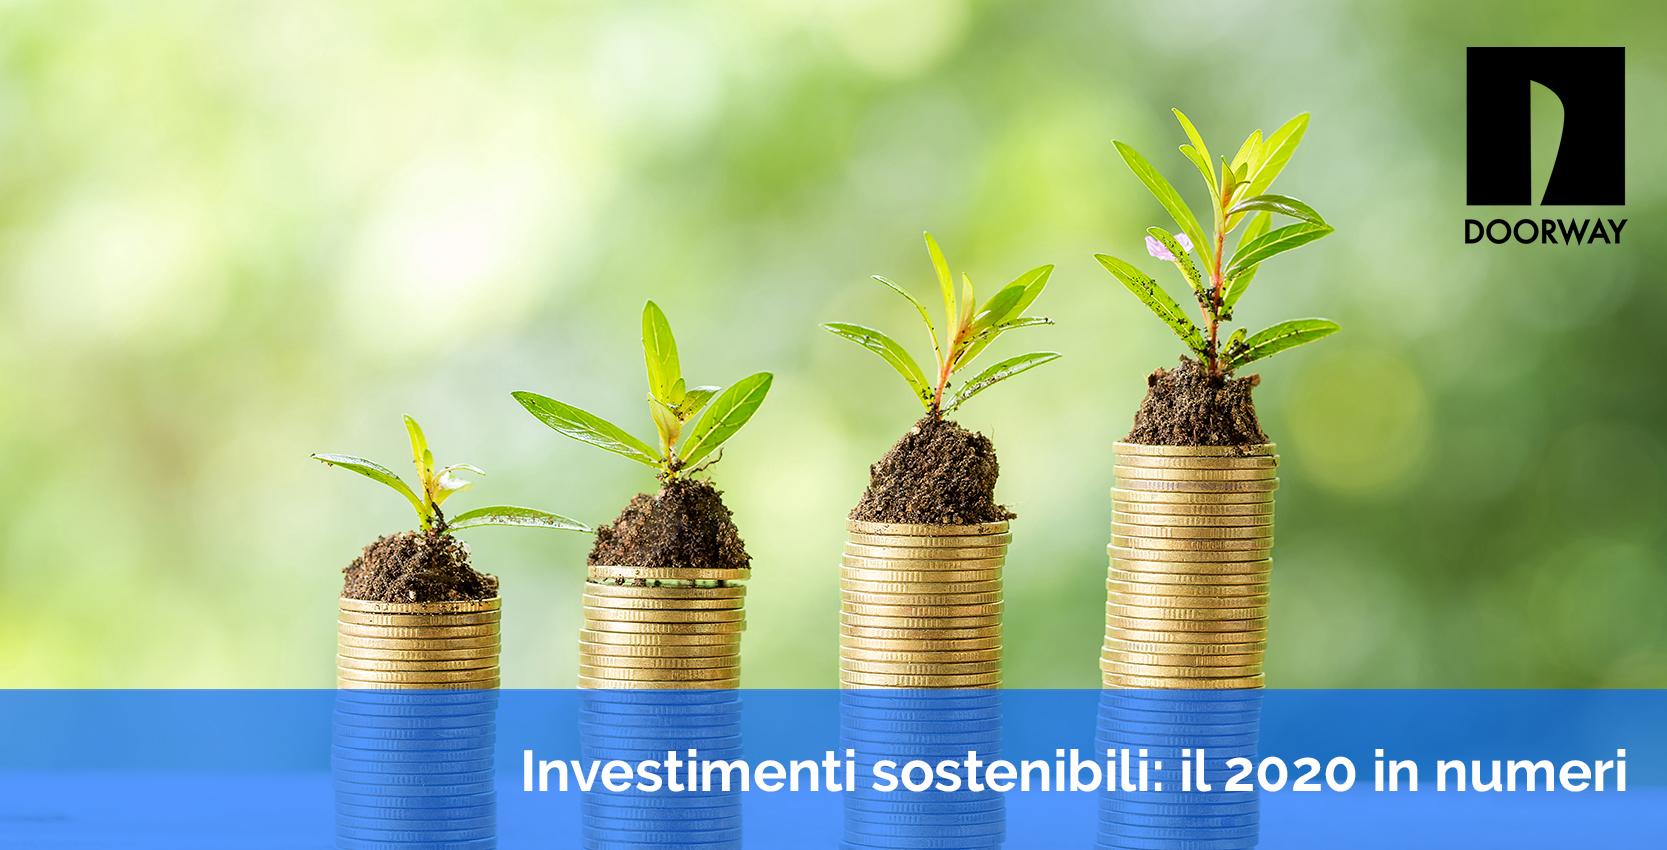 investimenti sostenibili: il 2020 in numeri